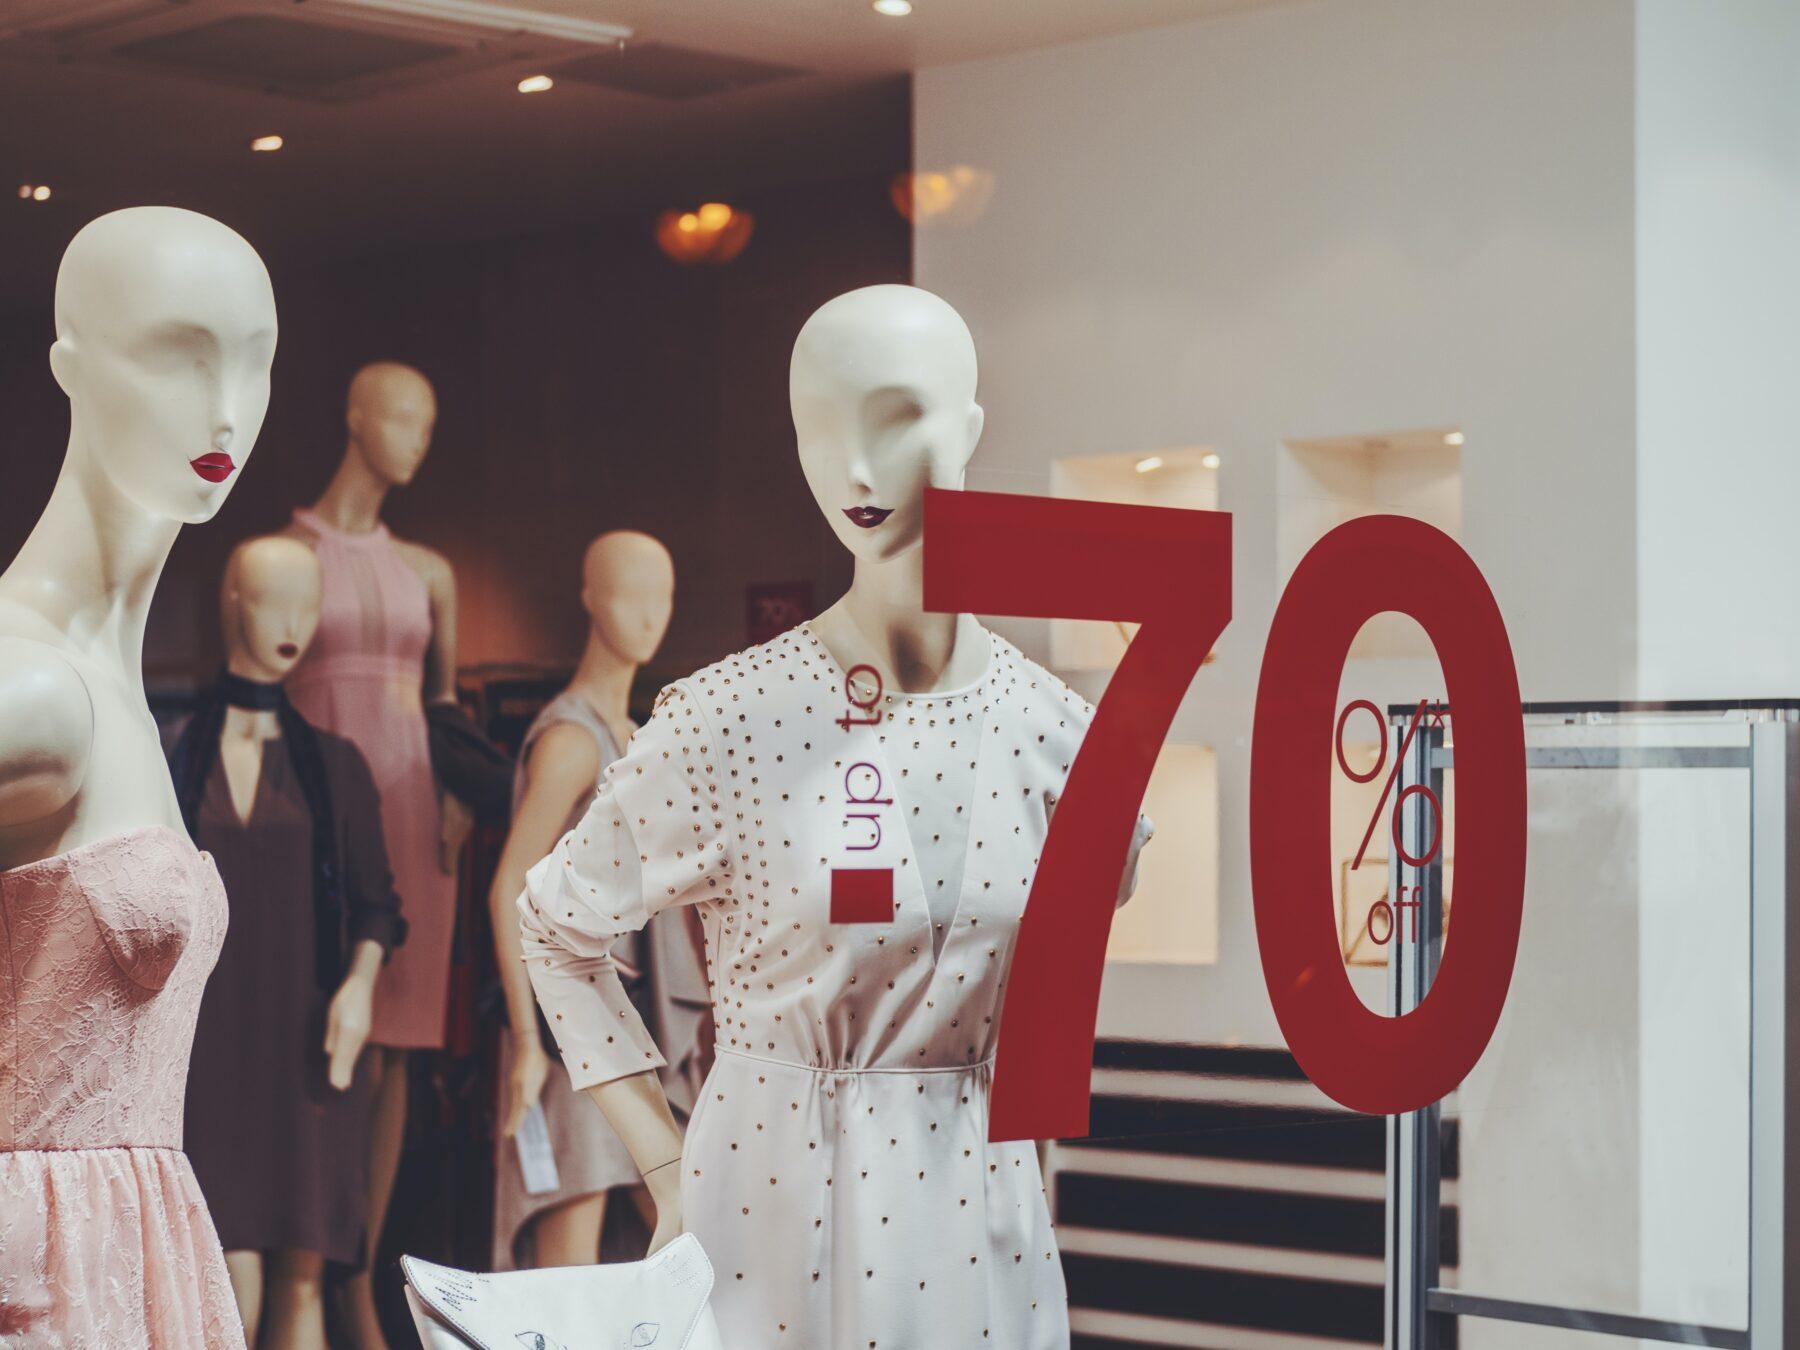 ciagle-kupuje-ubrania